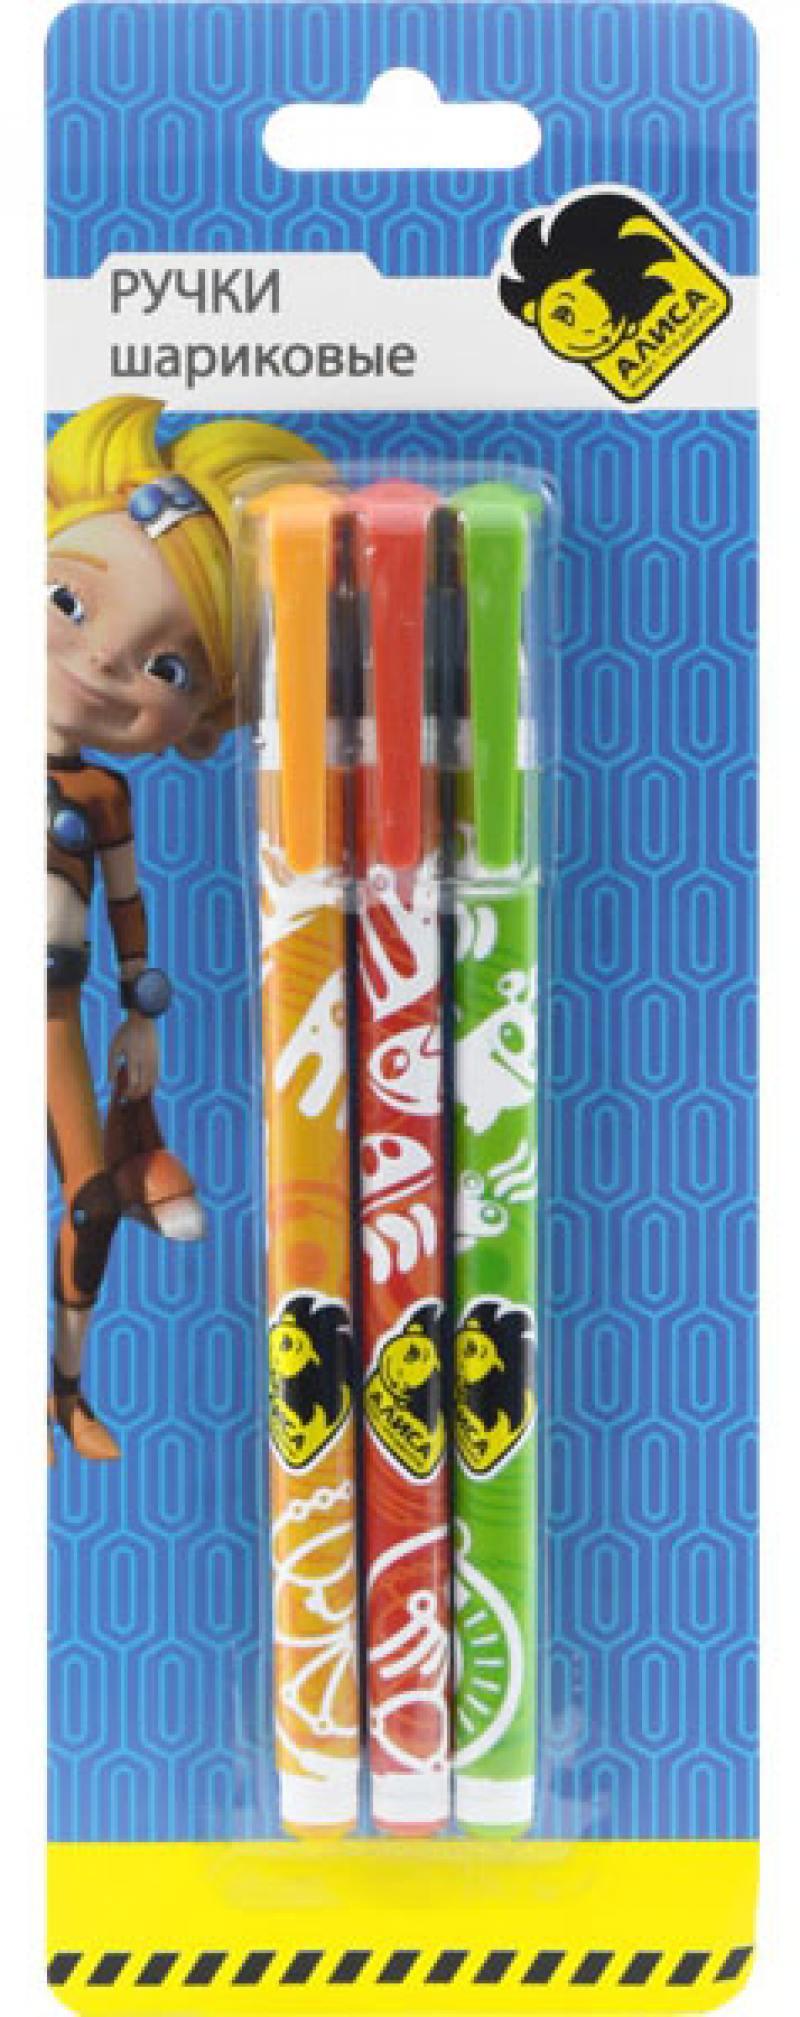 Набор шариковых ручек Action! Алиса 3 шт AZ-ABP151/3 AZ-ABP151/3 набор бальзам eos limited edition lip balm 3 pack visibly soft набор 3 шт